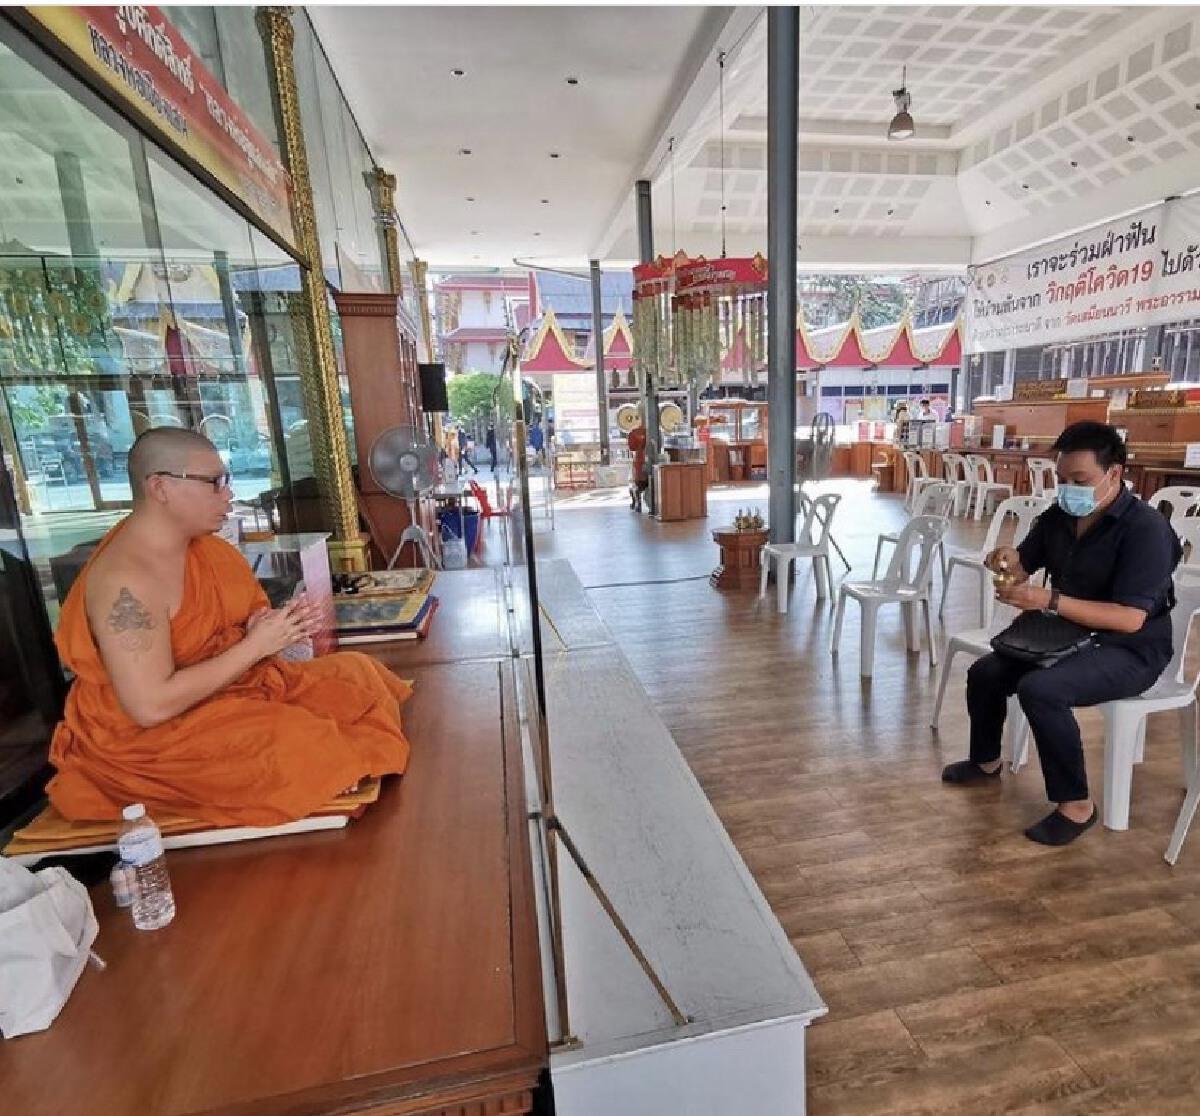 มาฆบูชาปี2564ยุคโควิด-ค้าขายทรุดชวนคนไทยทำบุญกระตุ้นเศรษฐกิจ !